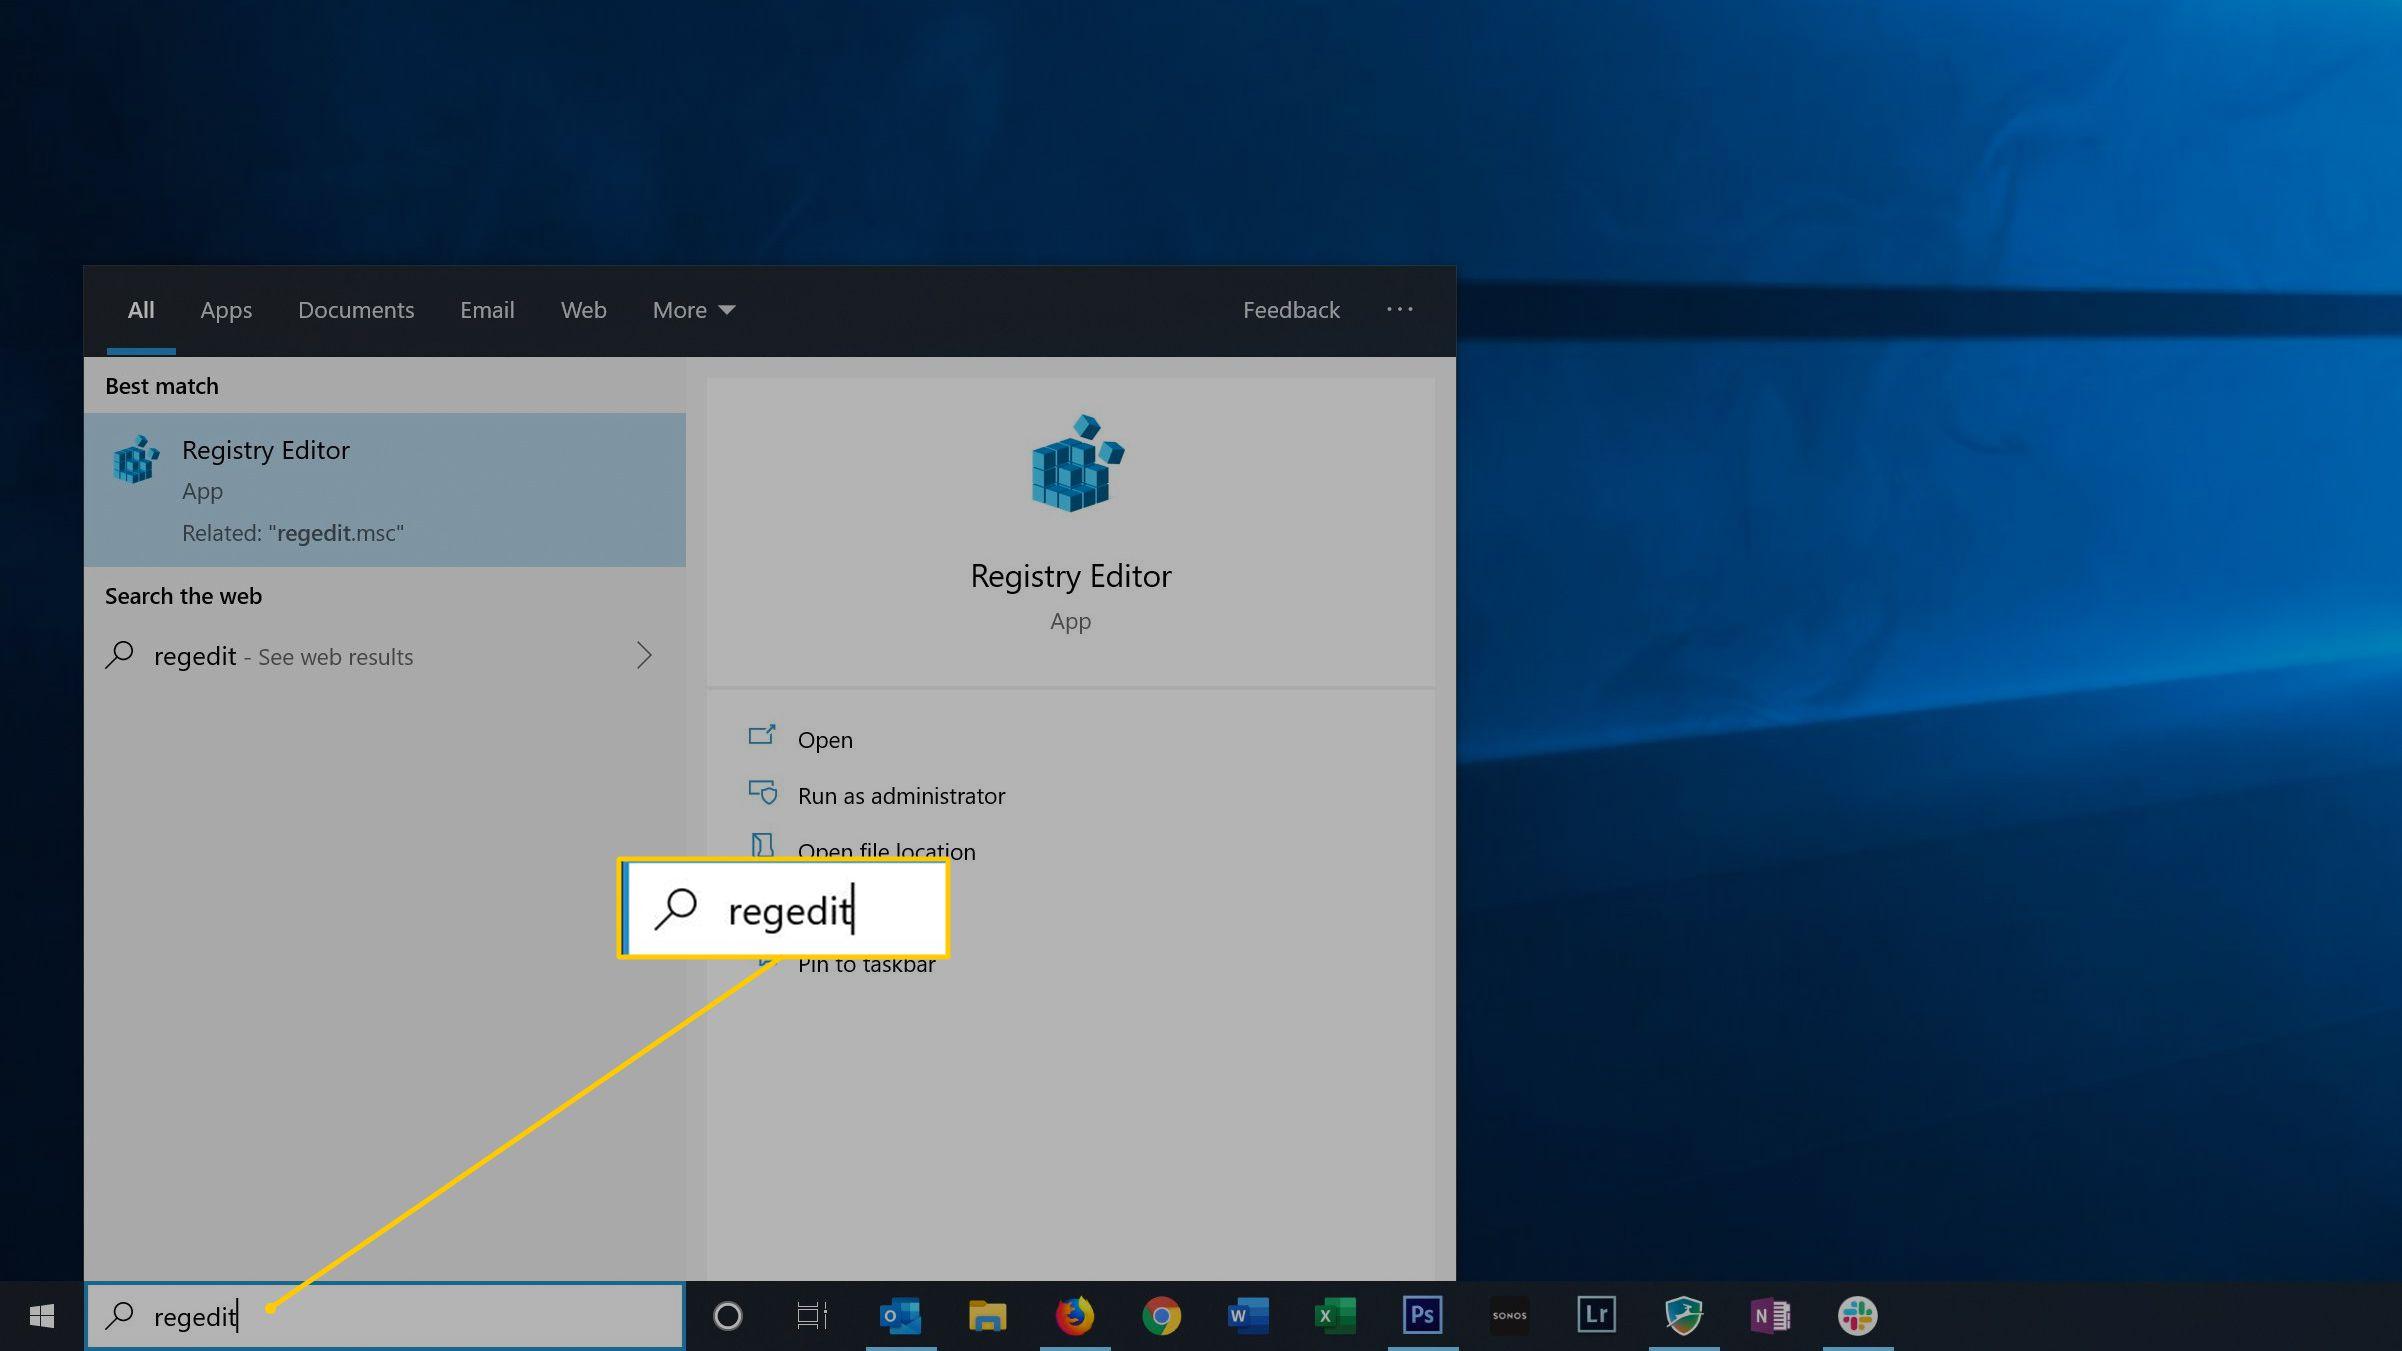 regedit in Start menu on Windows